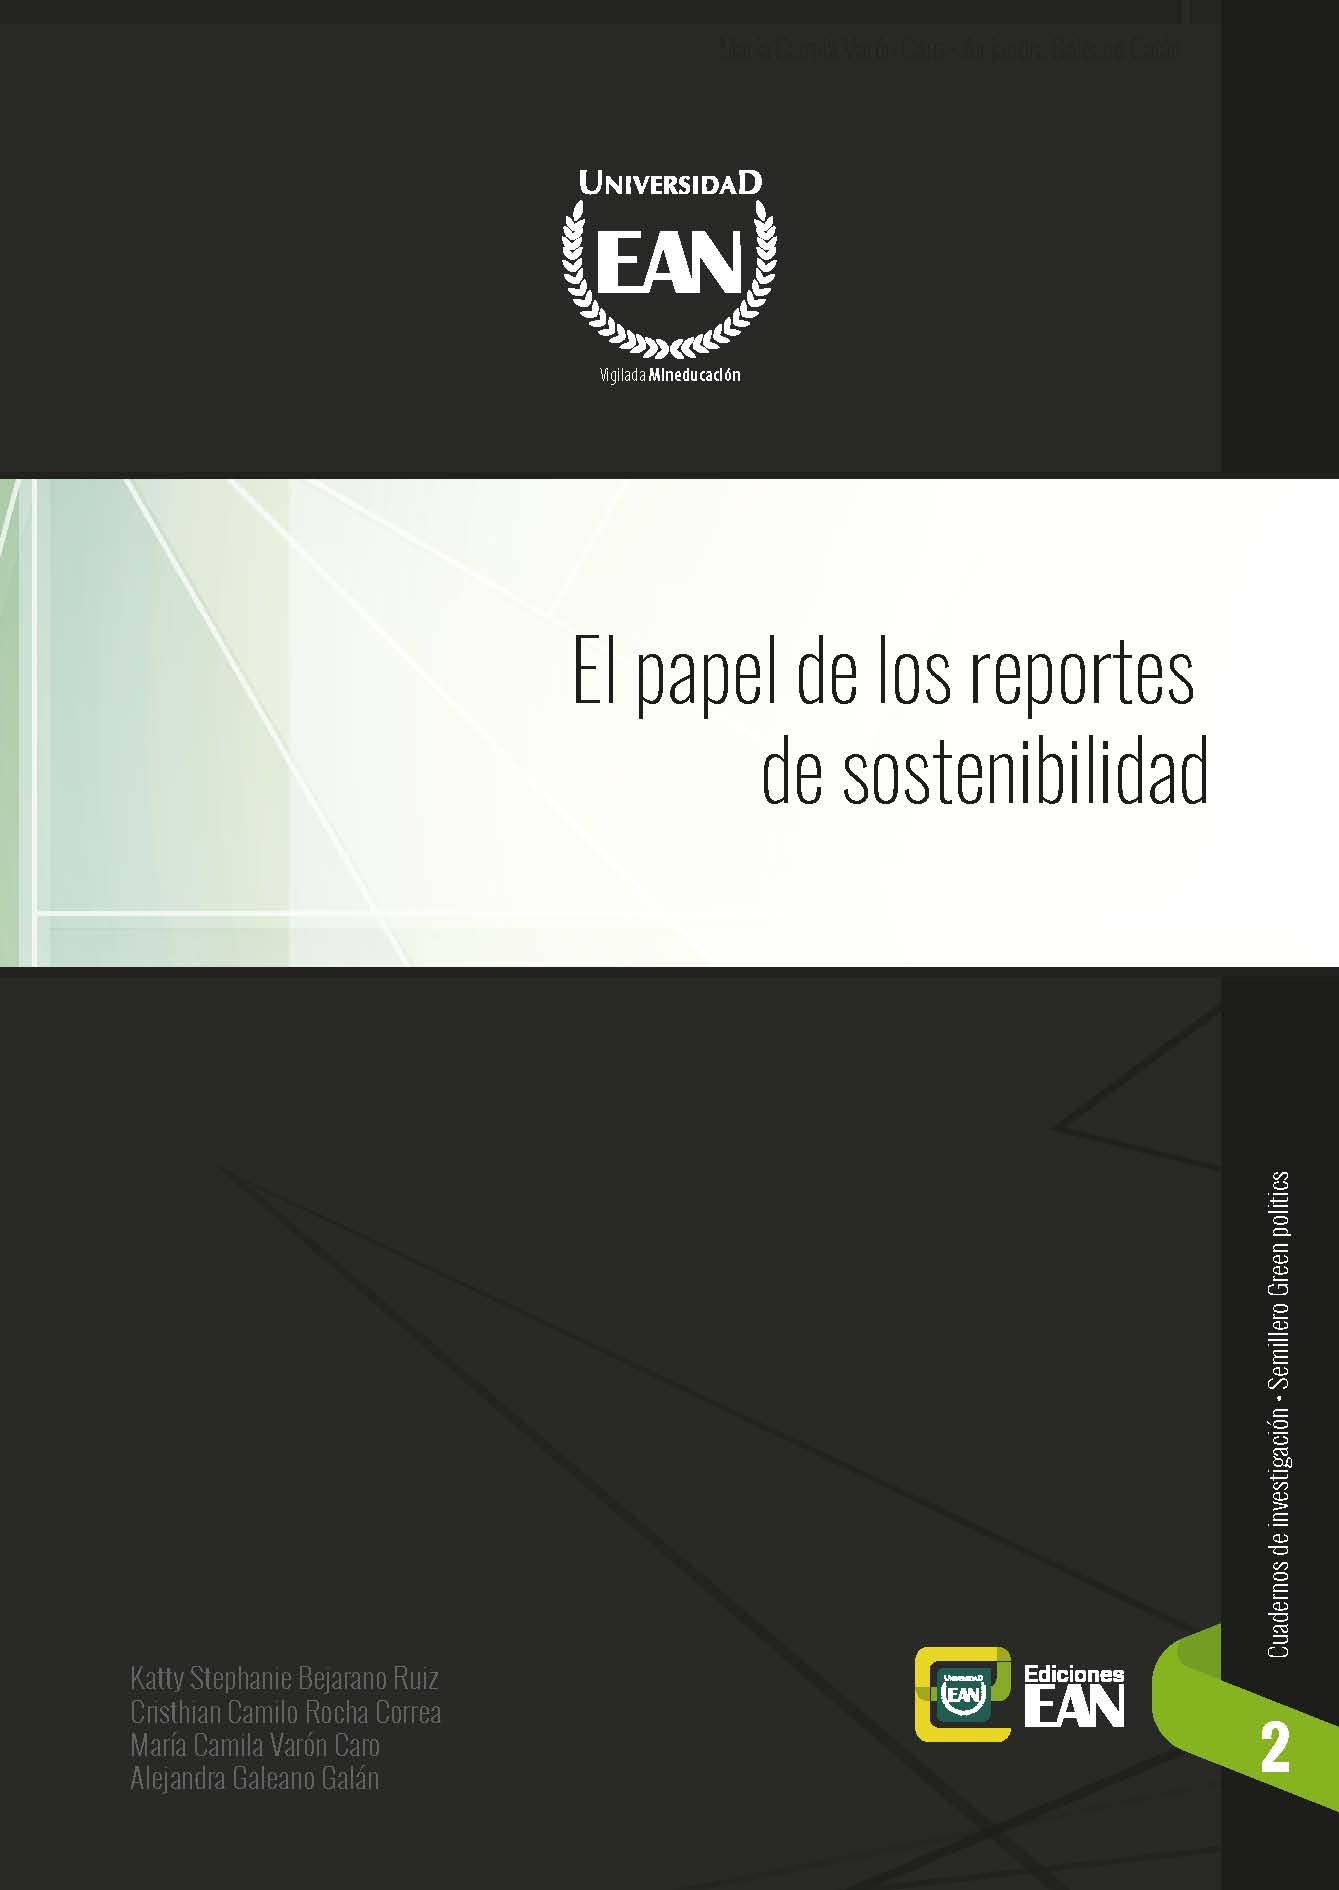 El papel de los reportes de sostenibilidad